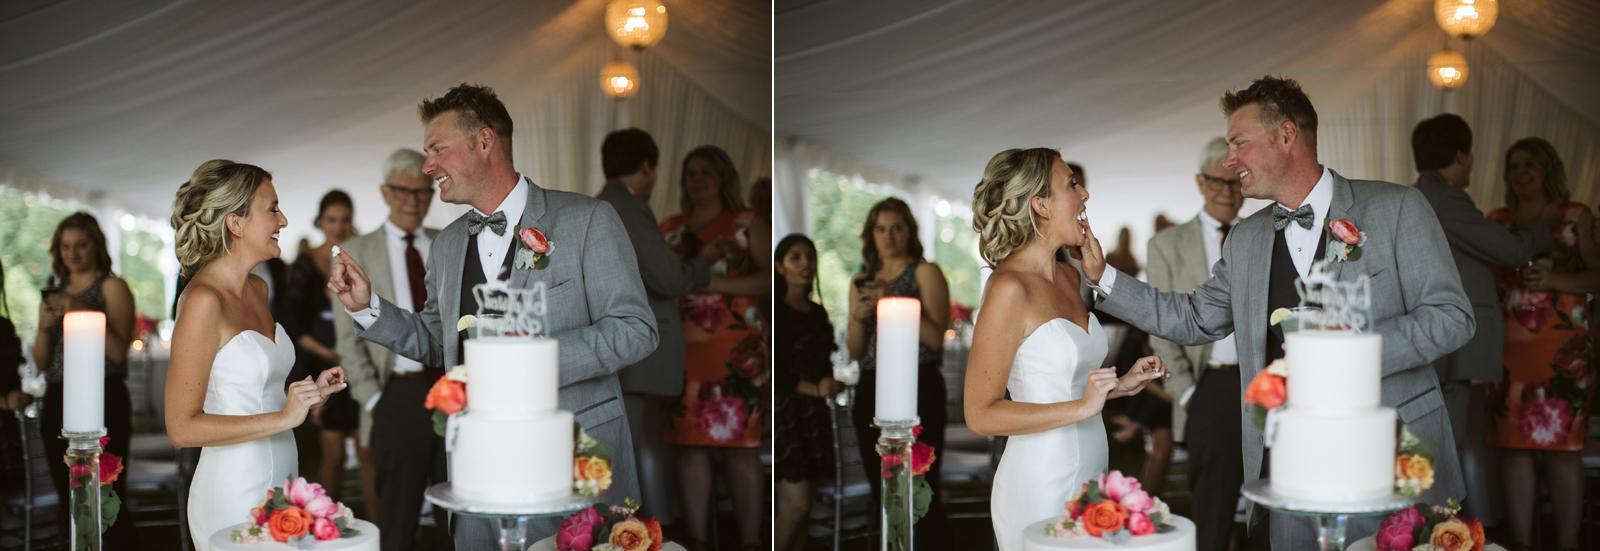 155-daronjackson-gabby-alec-wedding.jpg